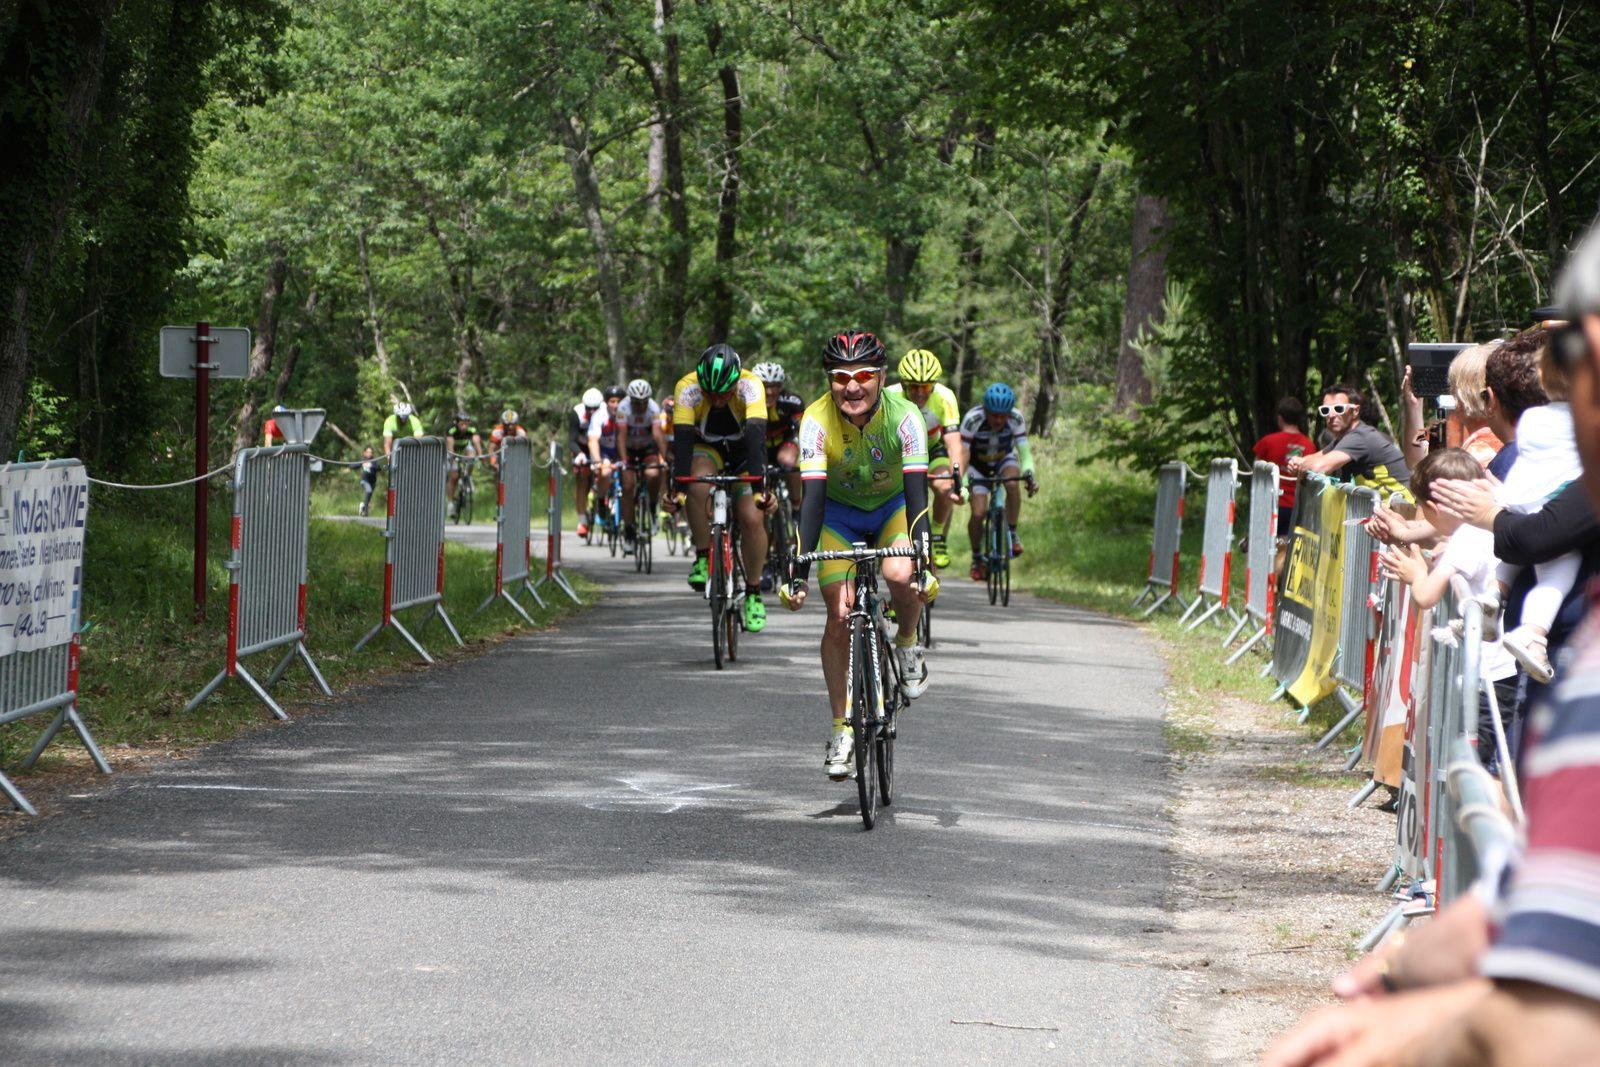 Arrivée  au  sprint  et  victoire  pour  Jean-Claude  BOCQUIER(NL), 2e  Sébastien  BARONNET(UC  Arcachon), 3e  Cyril  QUANTE (NL), 4e  Jean-Pierre  BARDET(AL Gond Pontouvre), 5e  Benoit  BAYET(NL), 6e  Bastien  DEYYON(NL), 7e  Christian  LABROUSSE( TSU Rouillac), 8e  Rémi  LEBLANC(SA  Mérignac), 9e  Bernard  VERMOOTE(EC  Foyenne), 10e  Didier  GIRAUD(SC  Braud St Louis), 13e  Isaline  CHAUVET(AC  Macqueville), 15e  Jean-Baptiste  JACAUD(APOGE).